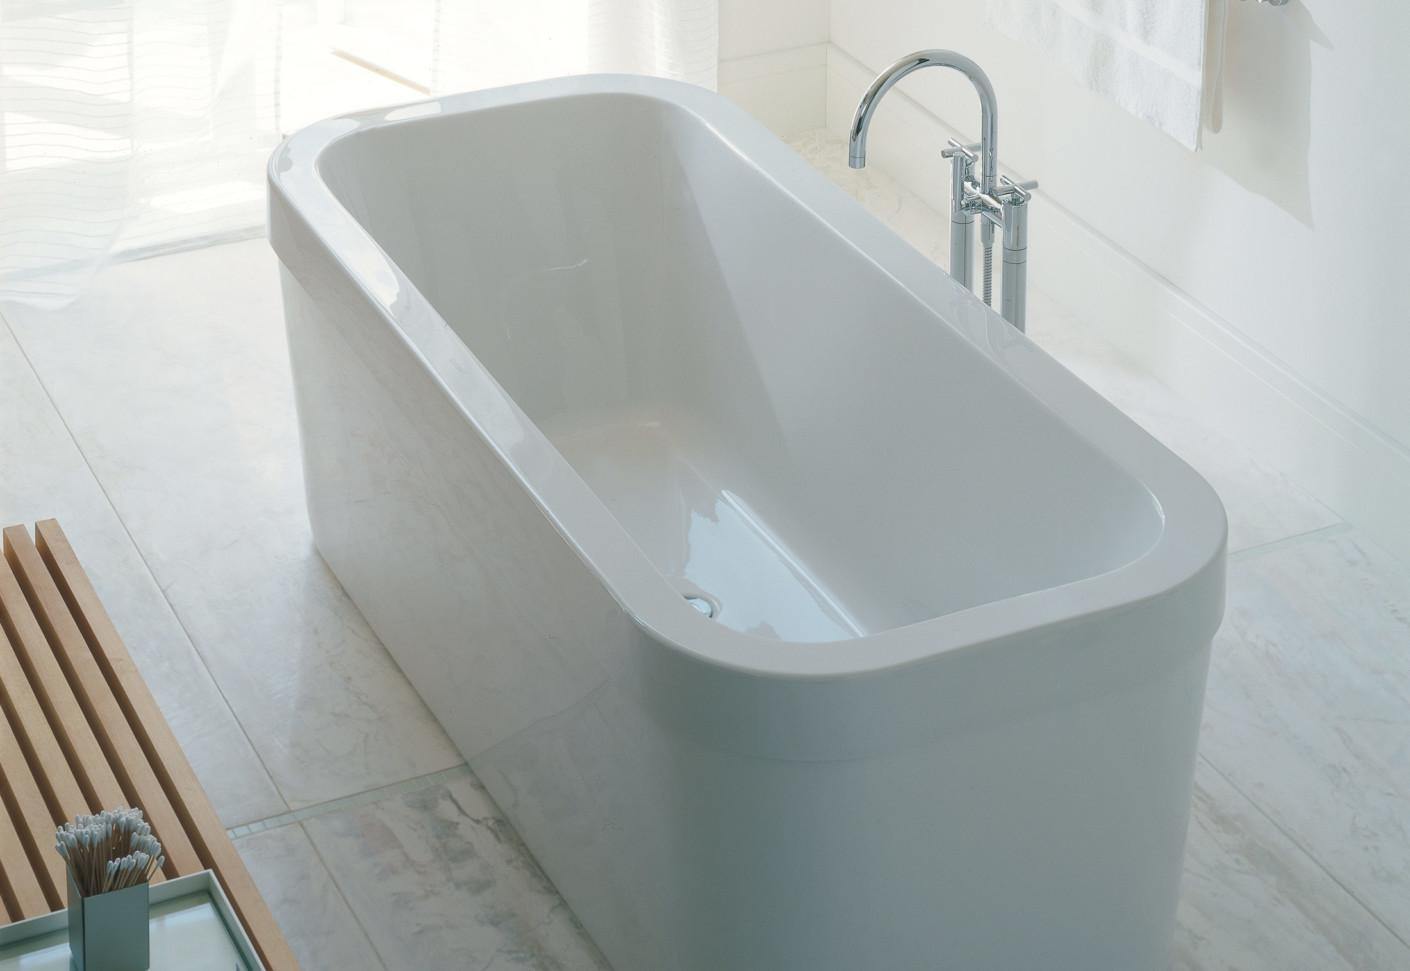 wanne freistehend dprmodels es geht um idee, design, bild und, Badezimmer ideen